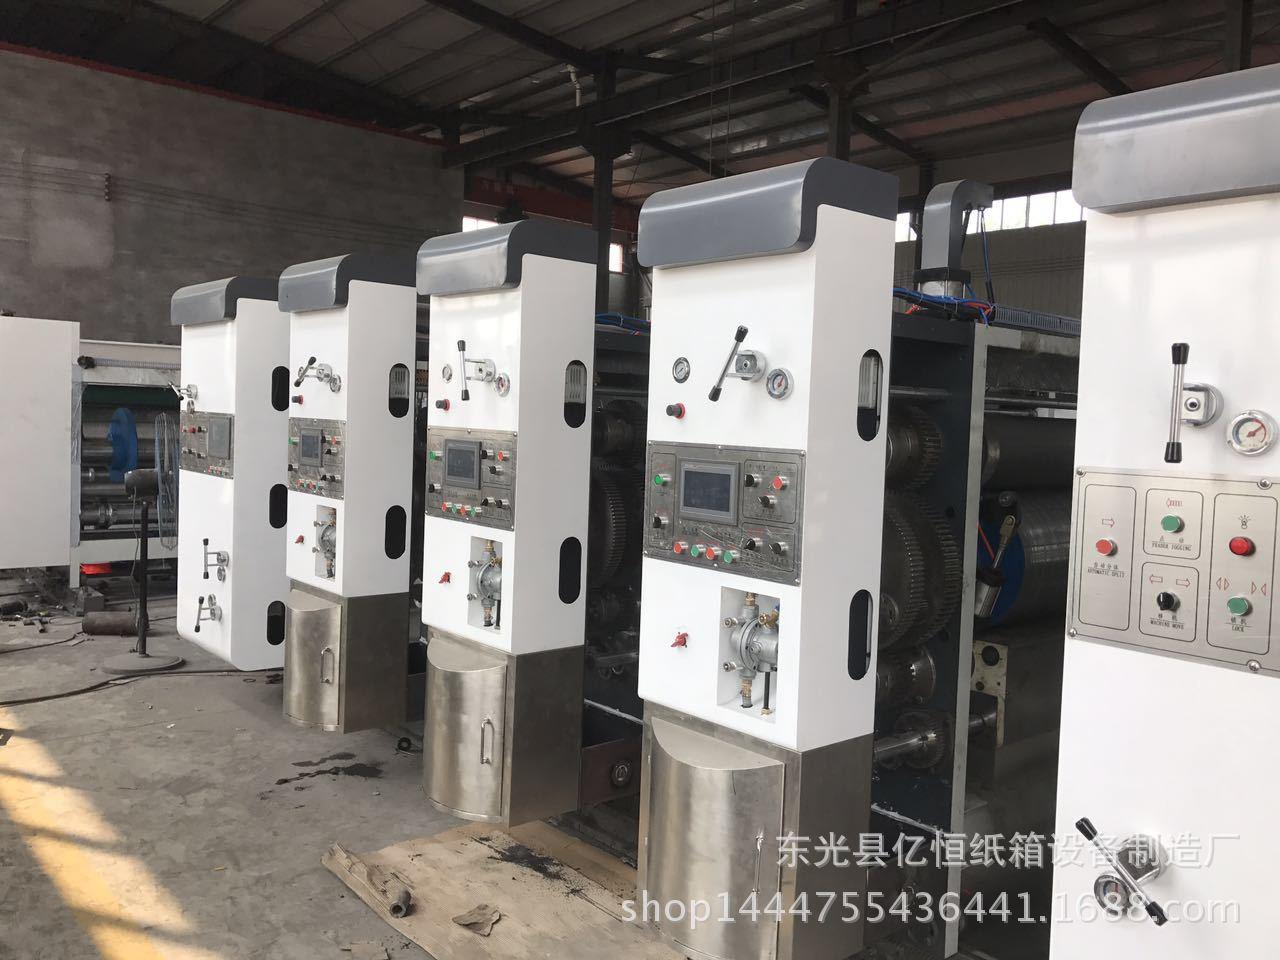 水墨印刷機 全自動送紙 高速四色水墨印刷開槽模切機 紙箱印刷